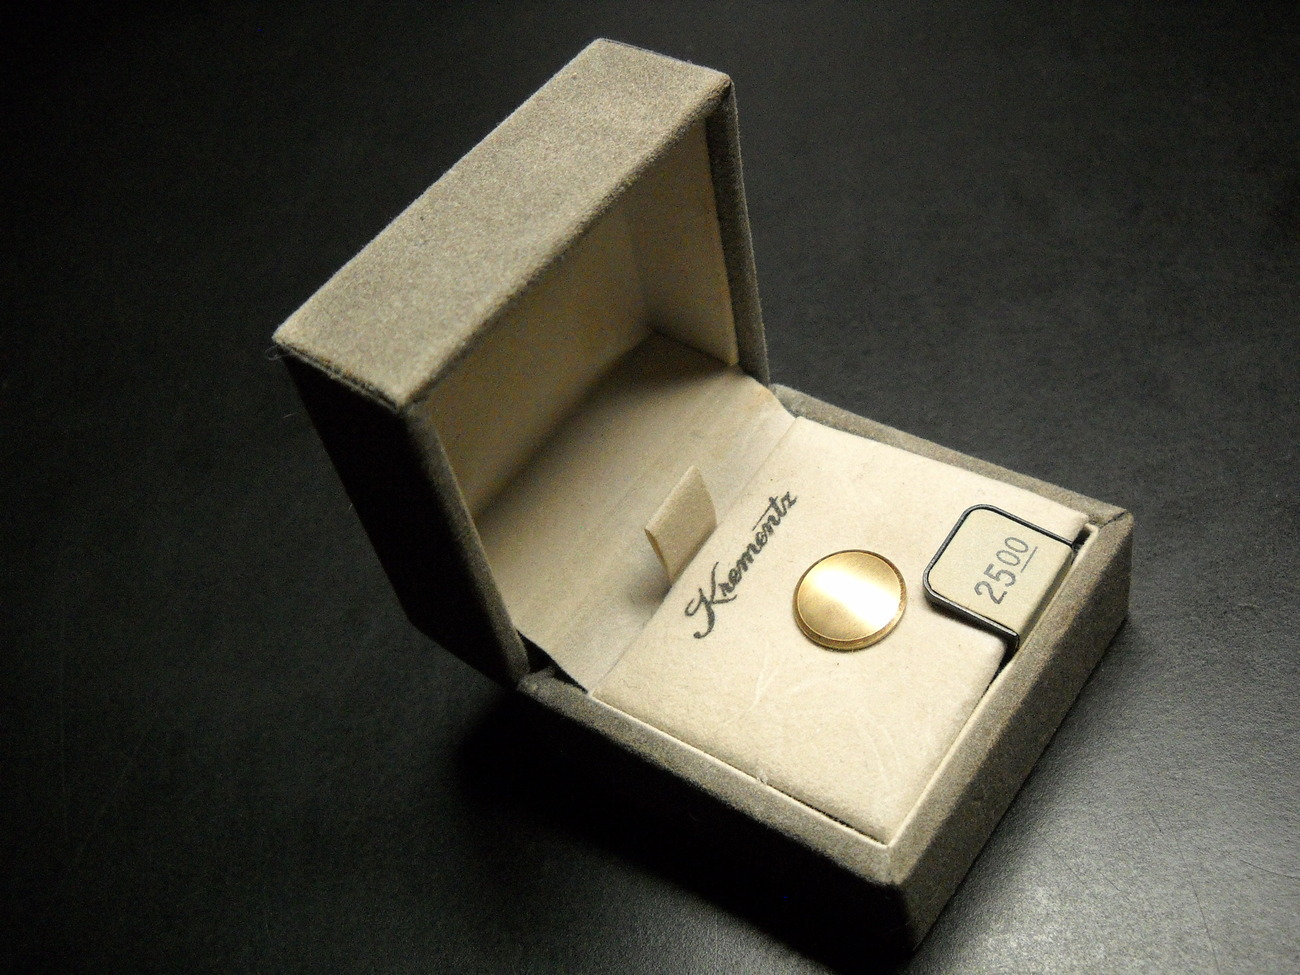 Krementz Tie Tack Half Inch Diameter 14 KT Gold Round Original Presentation Box - $15.99